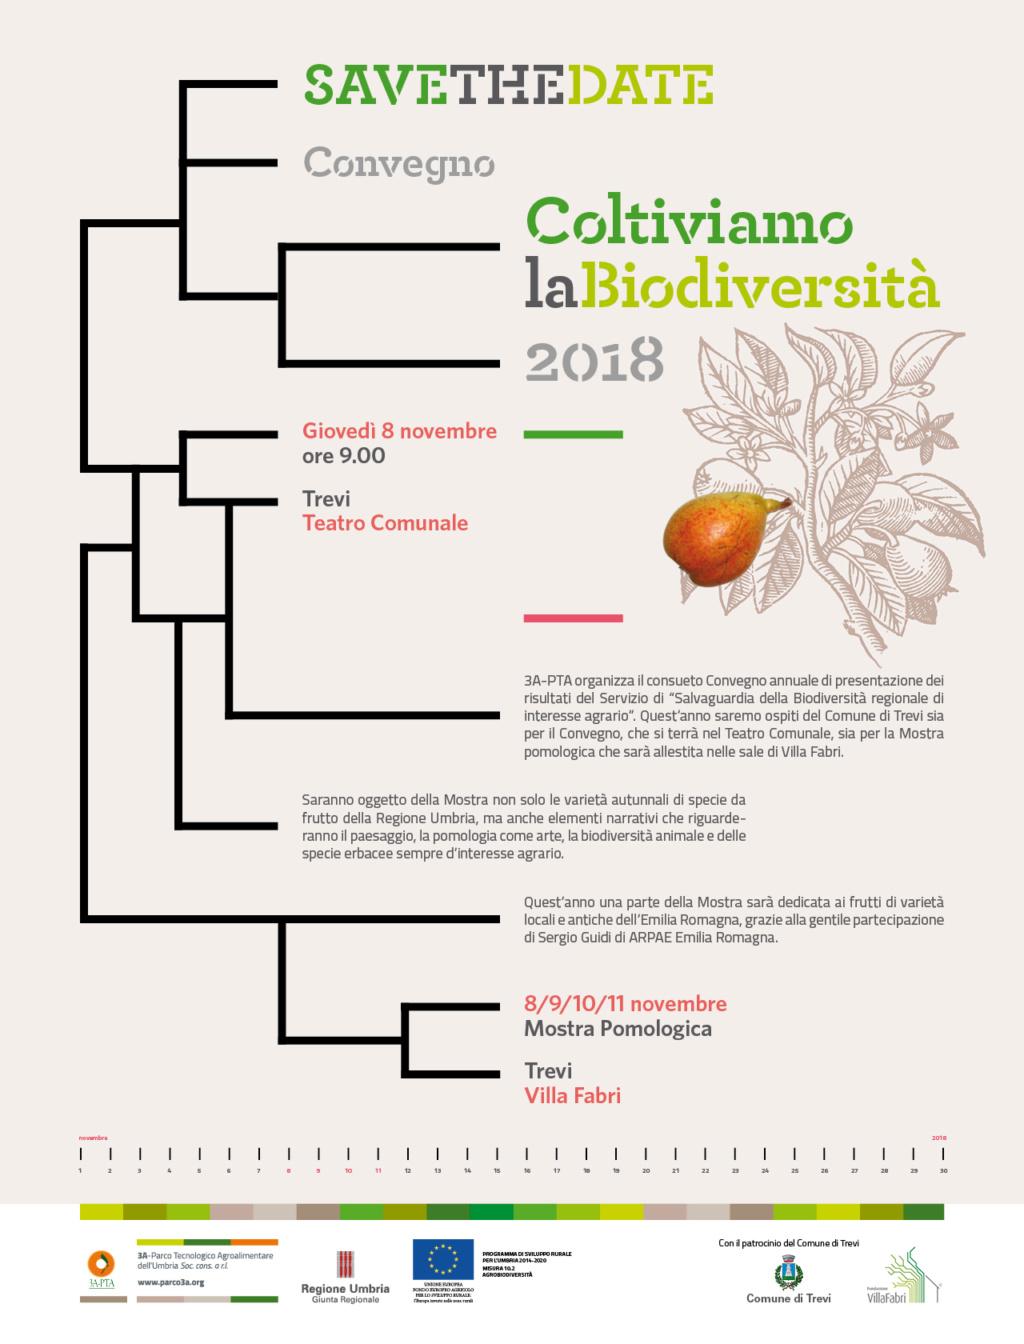 Coltiviamo la Biodiversità 2018 Teatro Comunale, Trevi  Giovedì 8 Novembre 2018 Conveg10